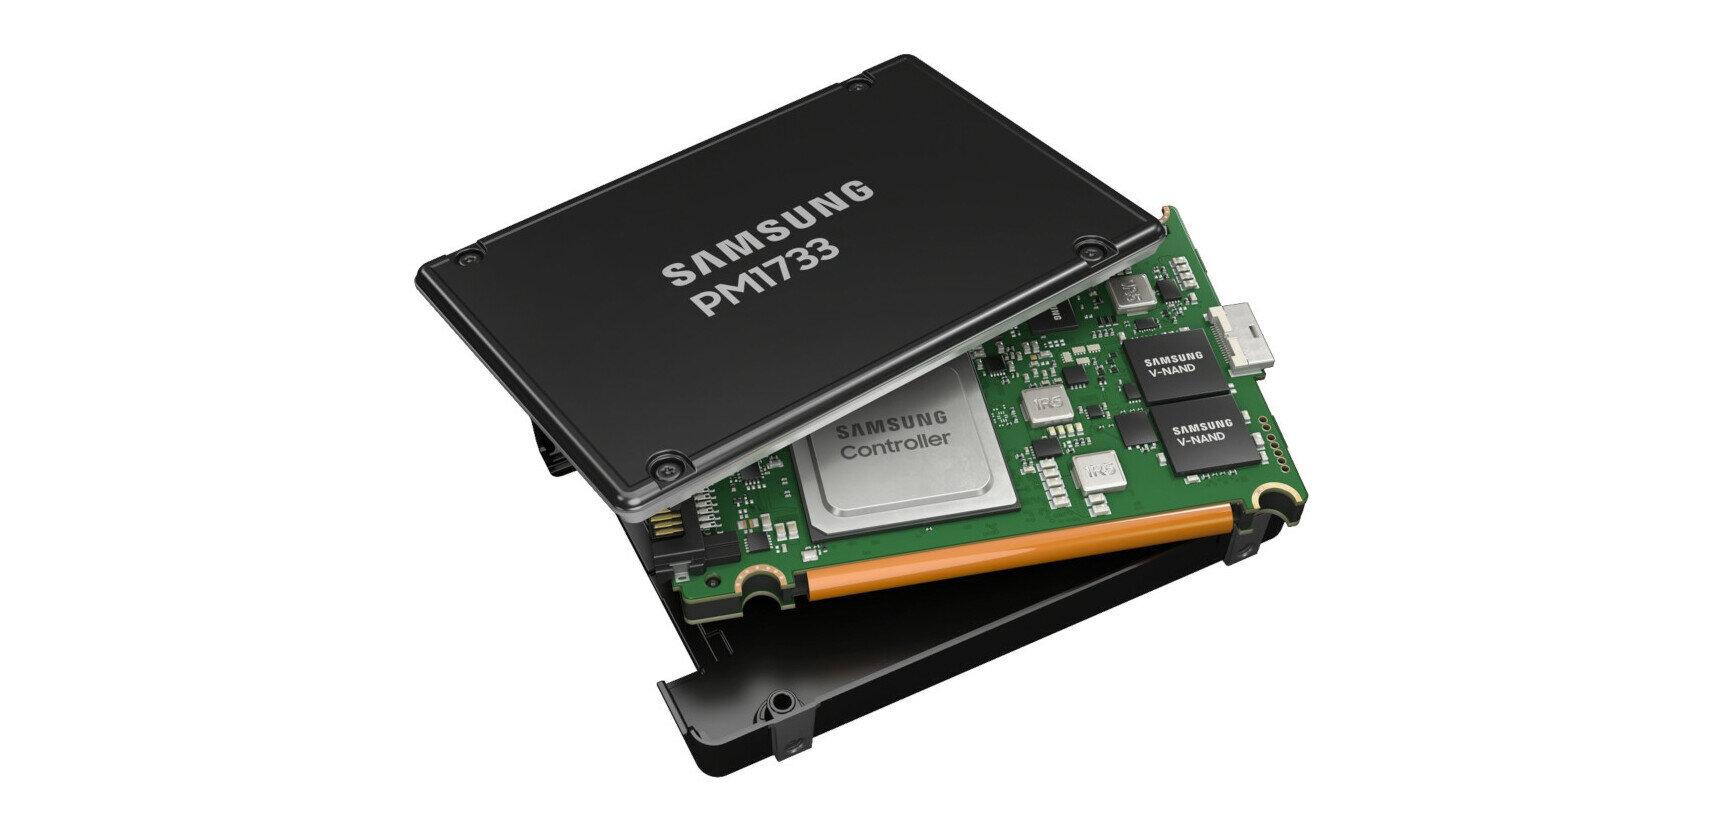 Samsung annonce ses SSD PM1733 PCIe 4.0 jusqu'à 8 Go/s et des barrettes de 256 Go de DDR4